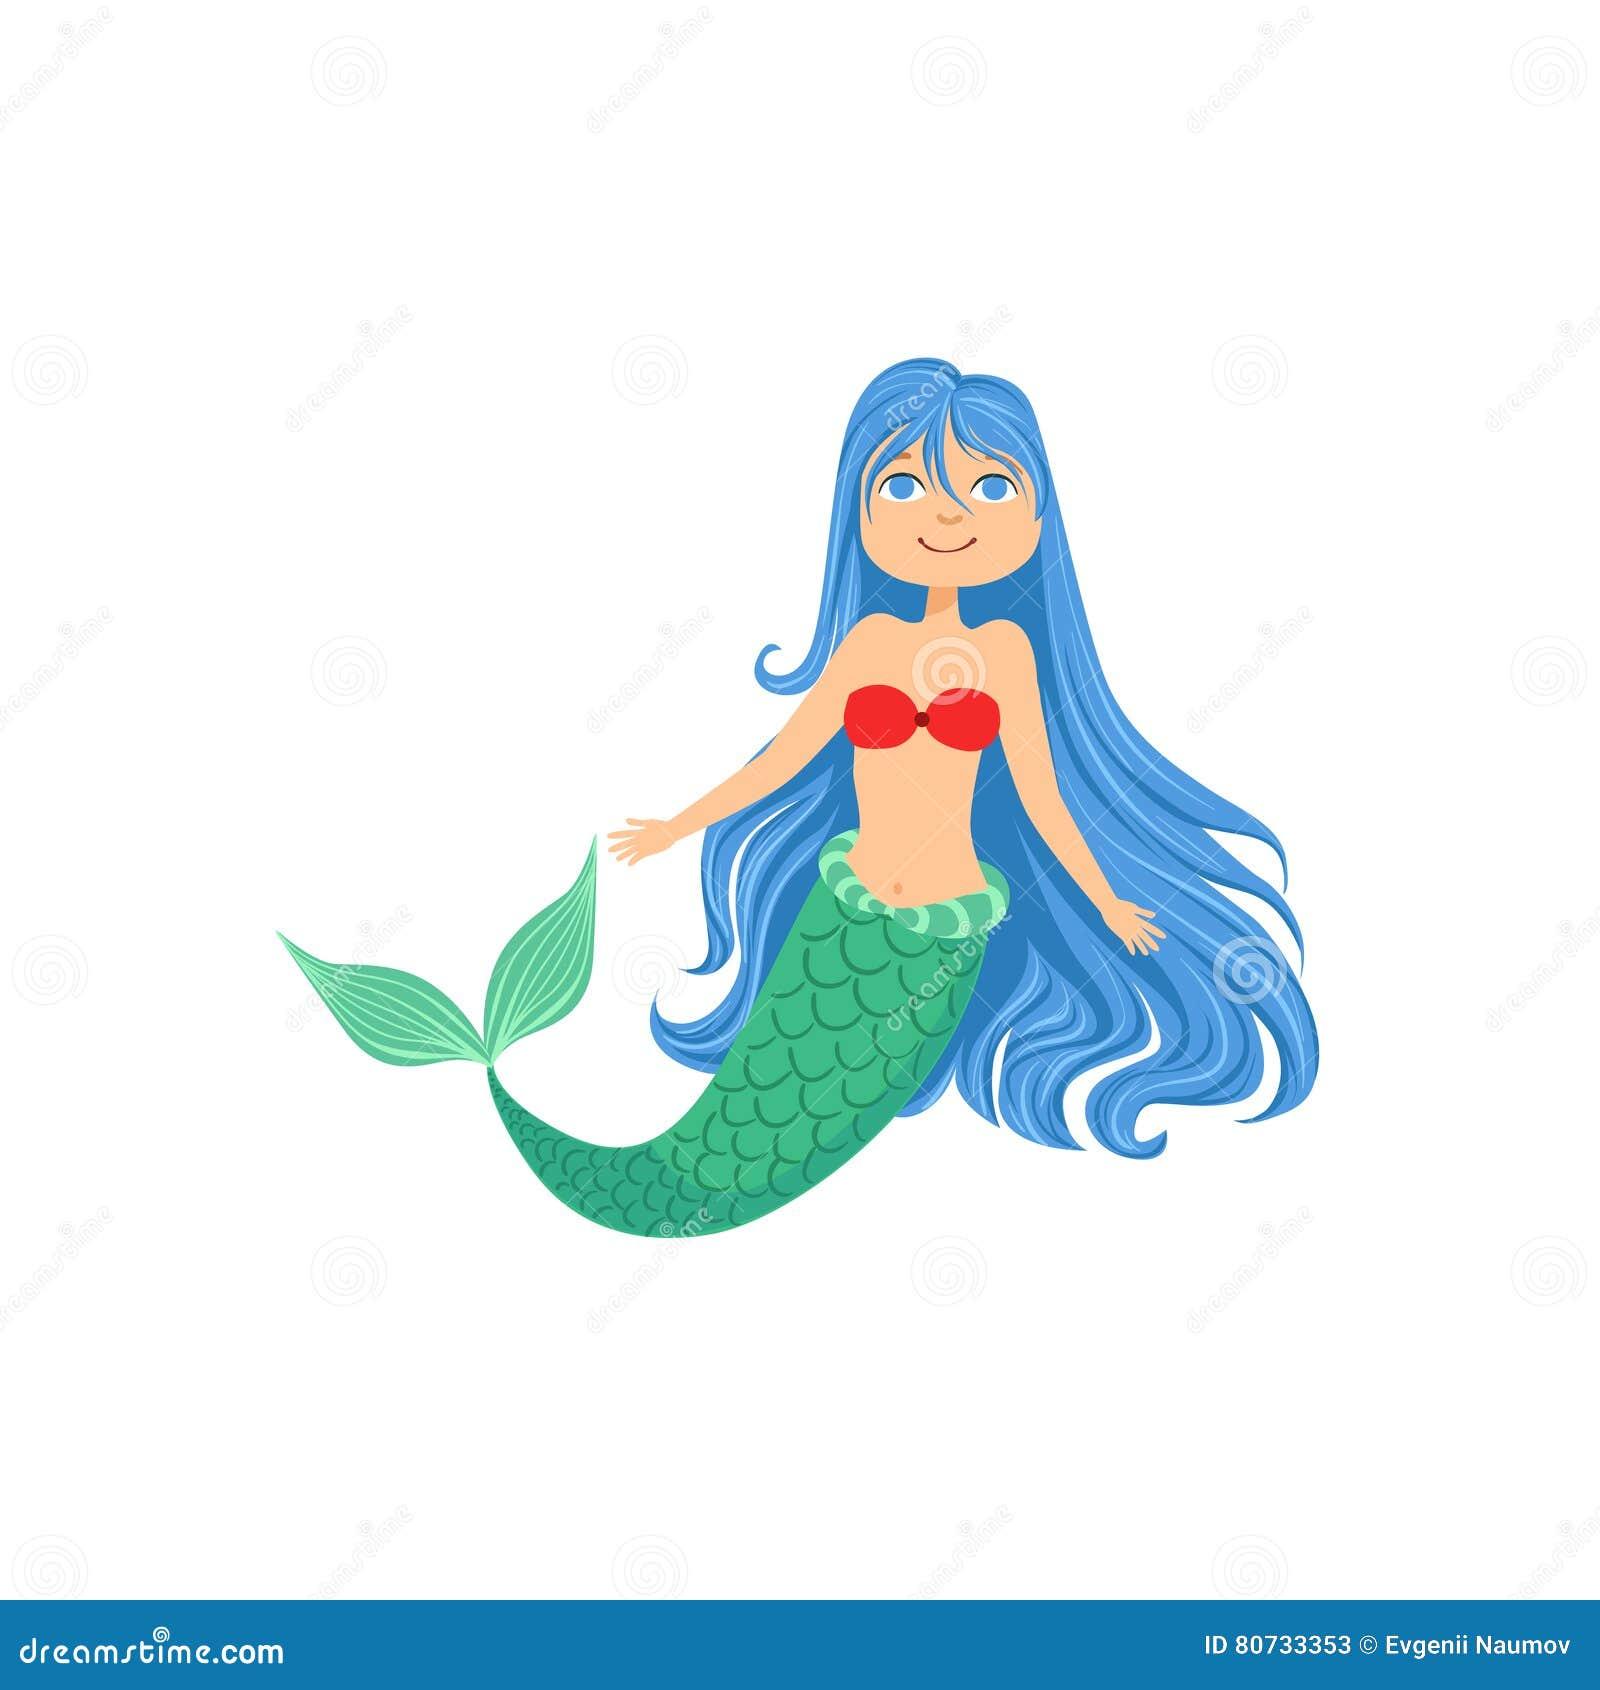 Blue Hair Mermaid In Red Swimsuit Top Bra Fairy-Tale